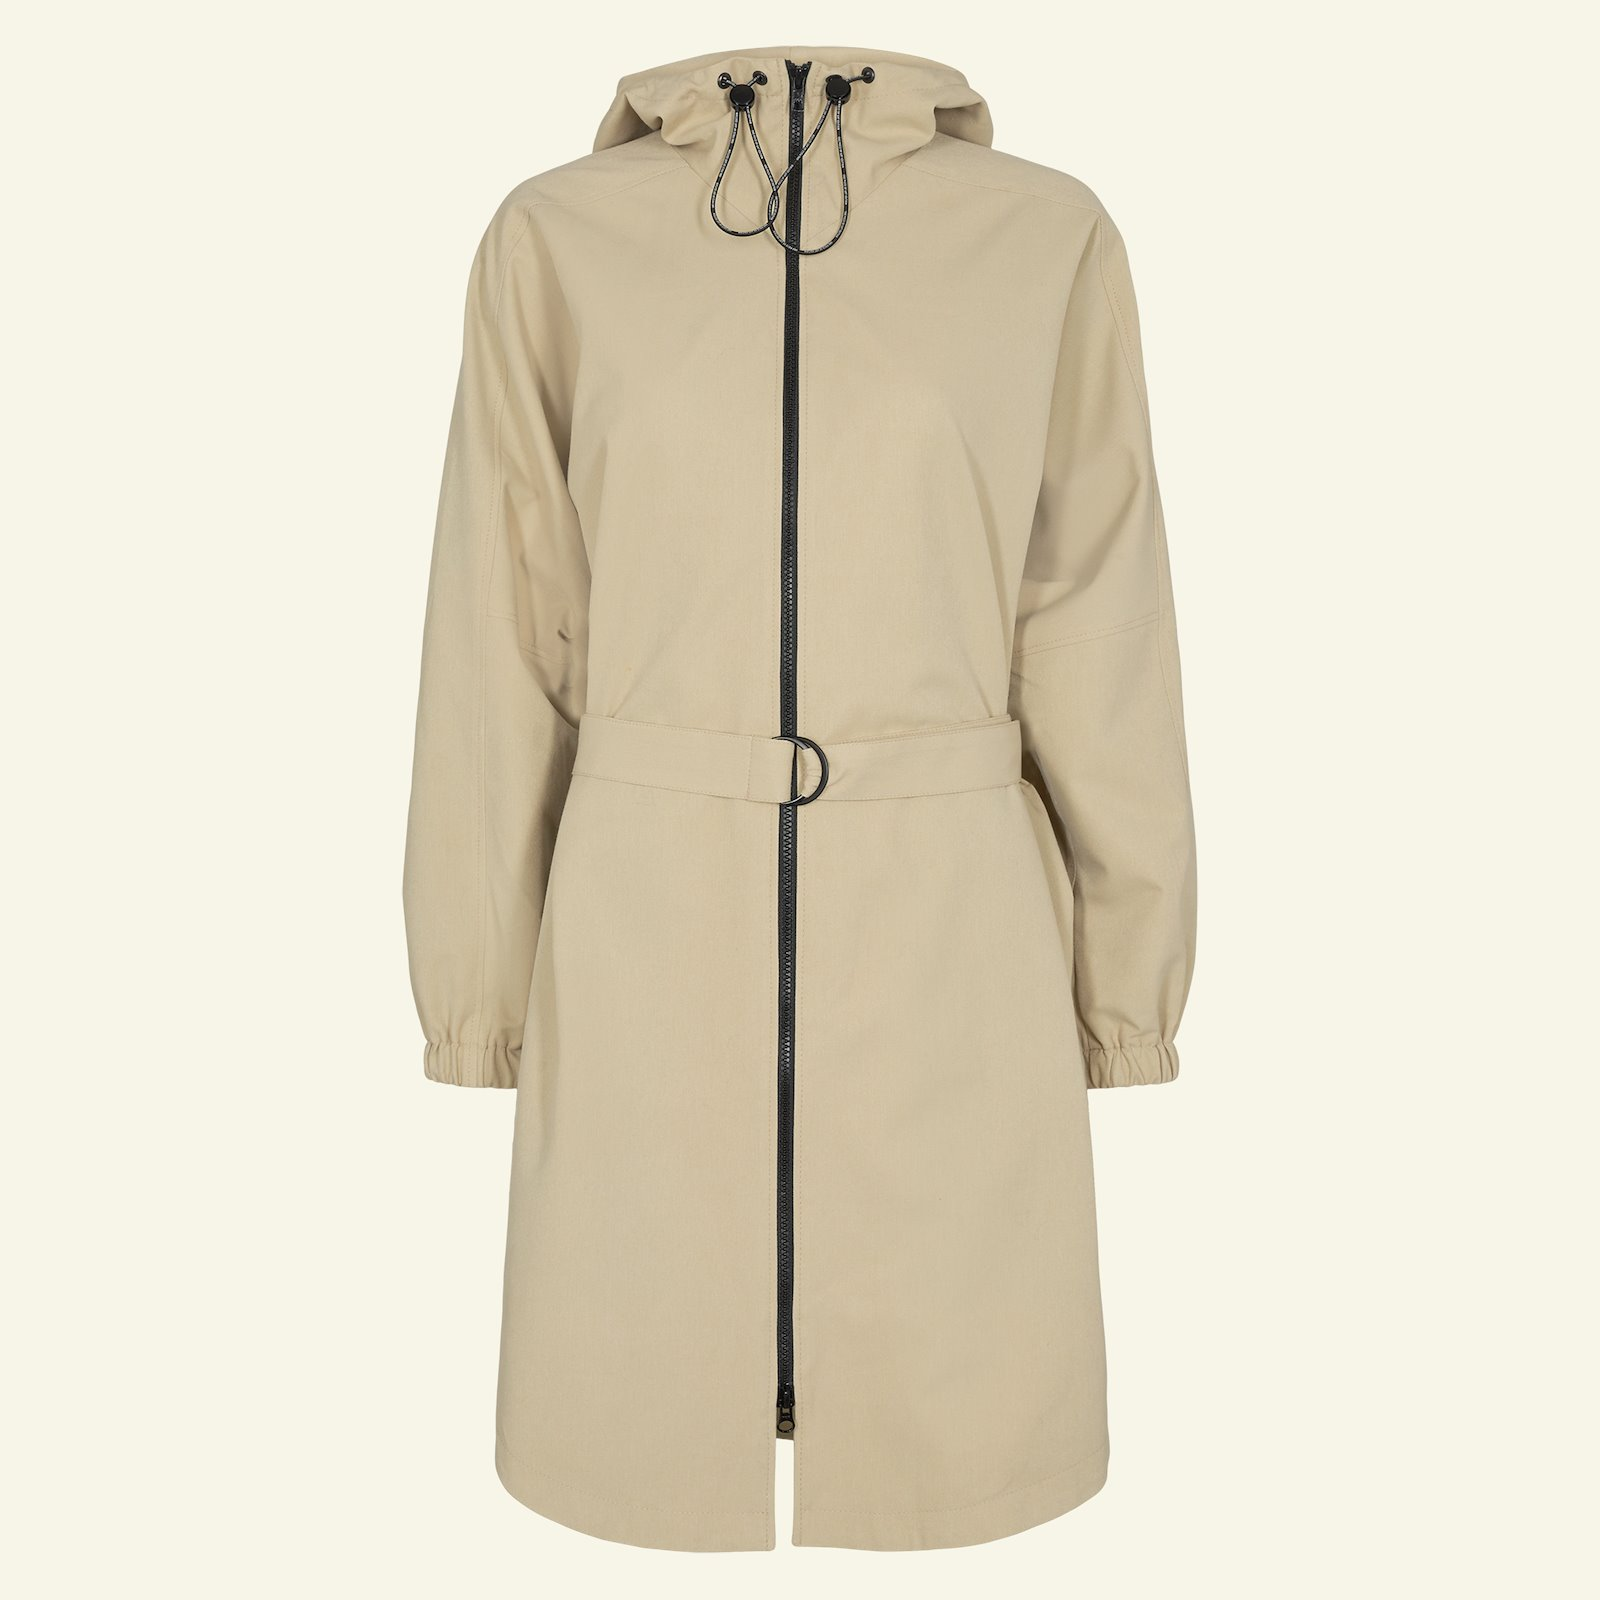 Oversize coat p24046_650746_3509073_43705_26519_sskit